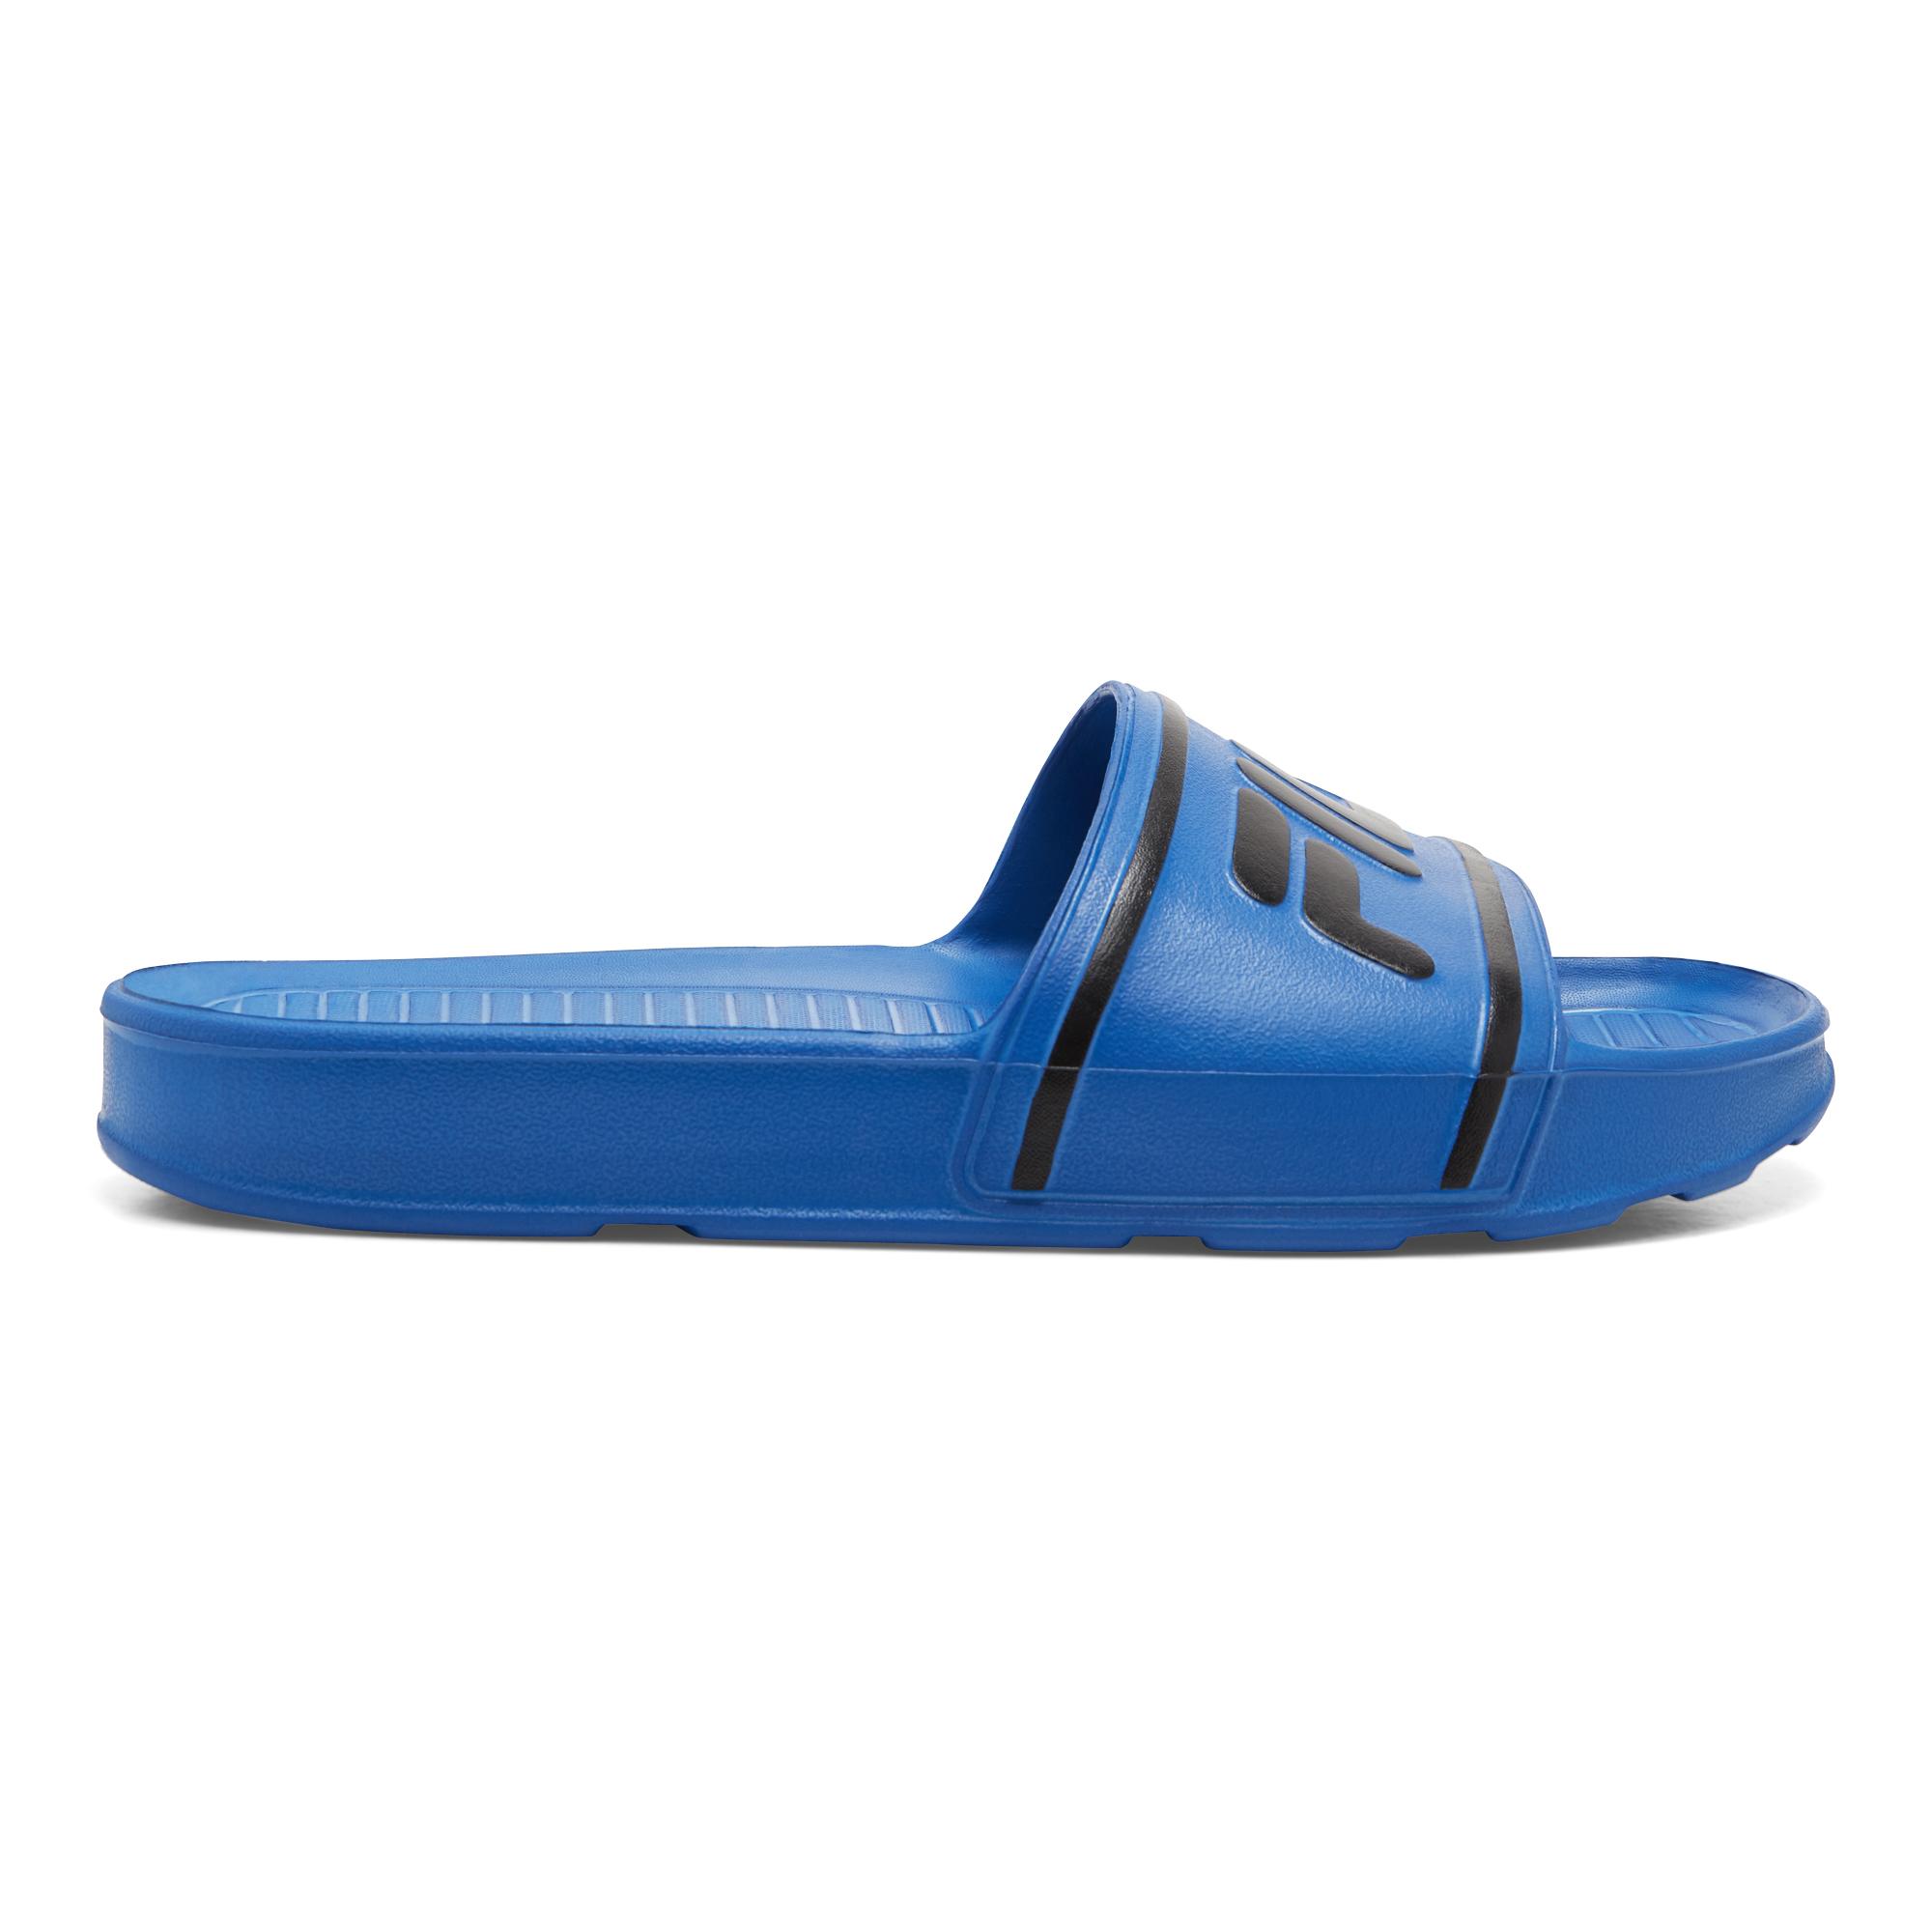 77ff1b0cc33e Fila Men s Sleek Slide ST Sandal